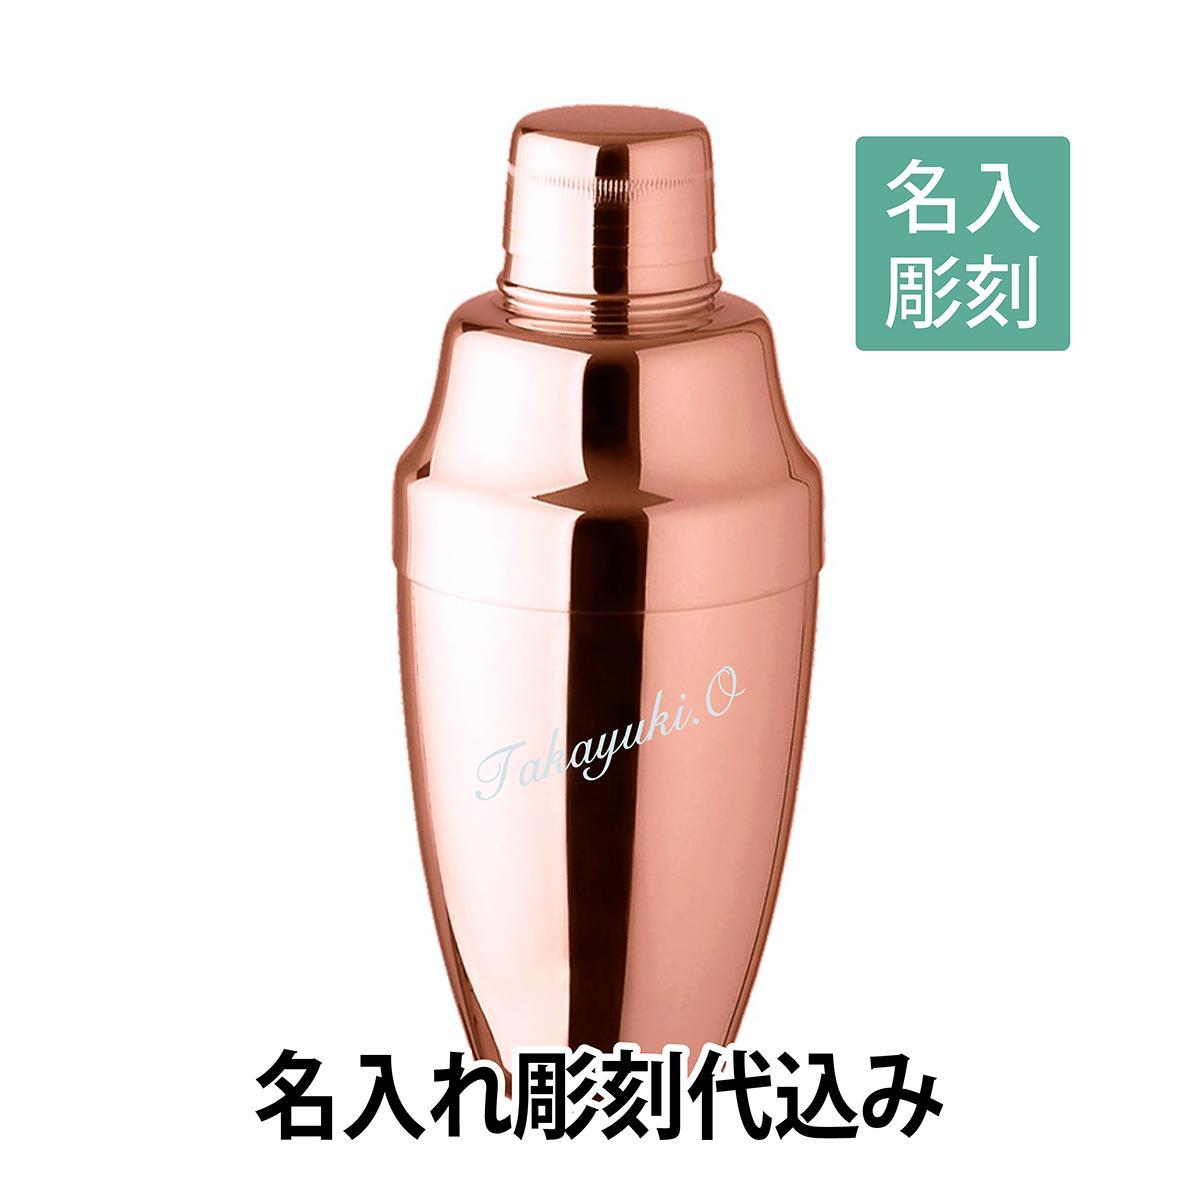 【名入れ彫刻】YUKIWA カクテルシェーカー ピンクゴールド 360ml 日本製